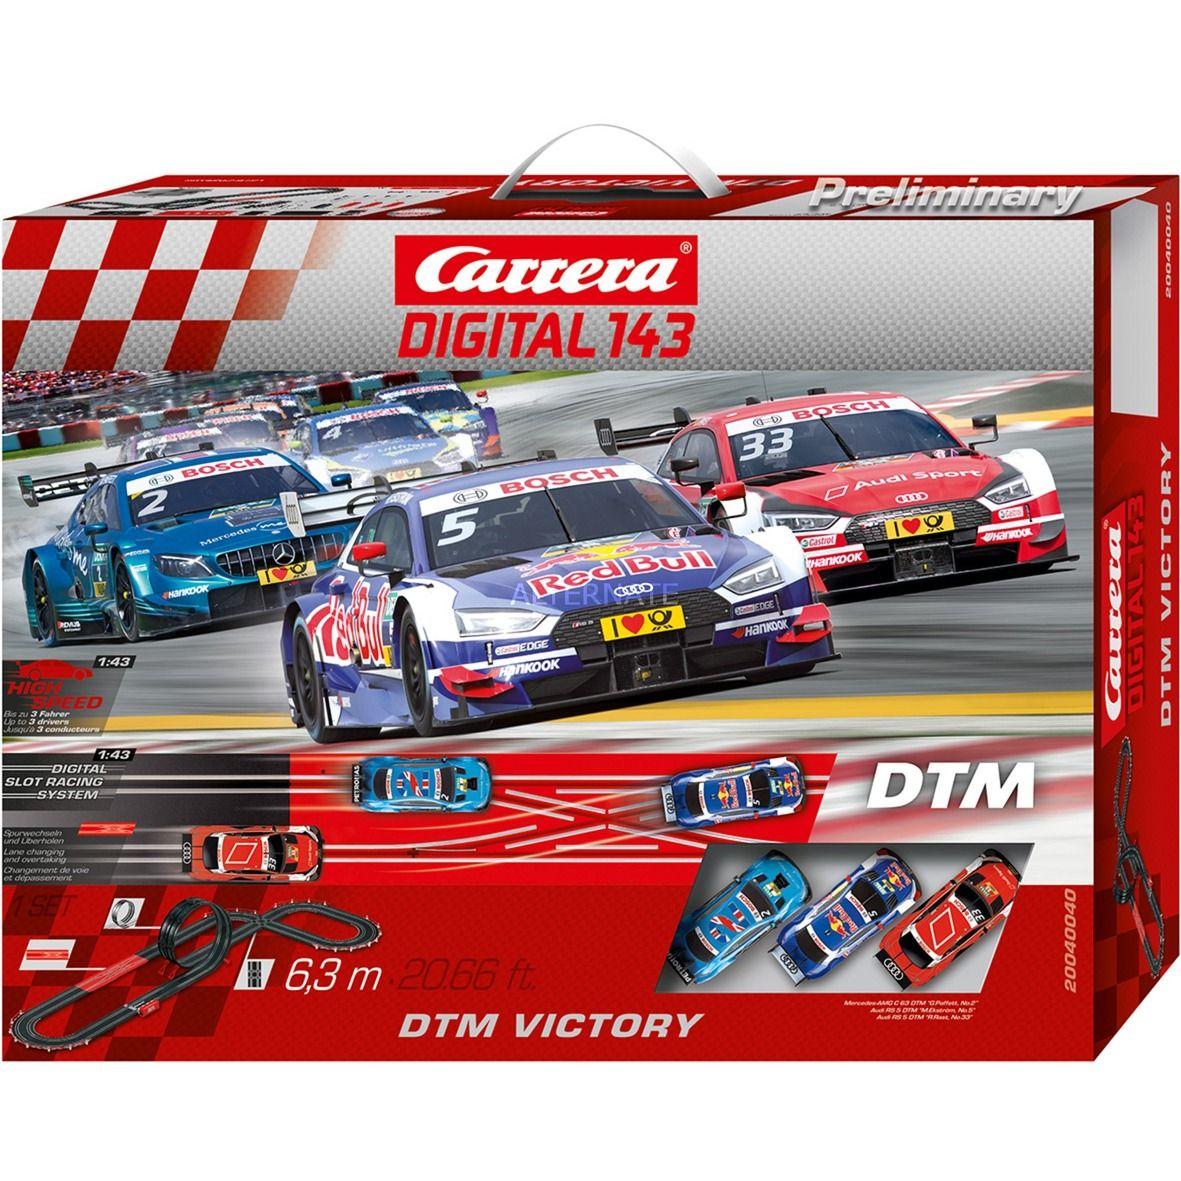 4007486400405 carrera digital 143 dtm victory pista